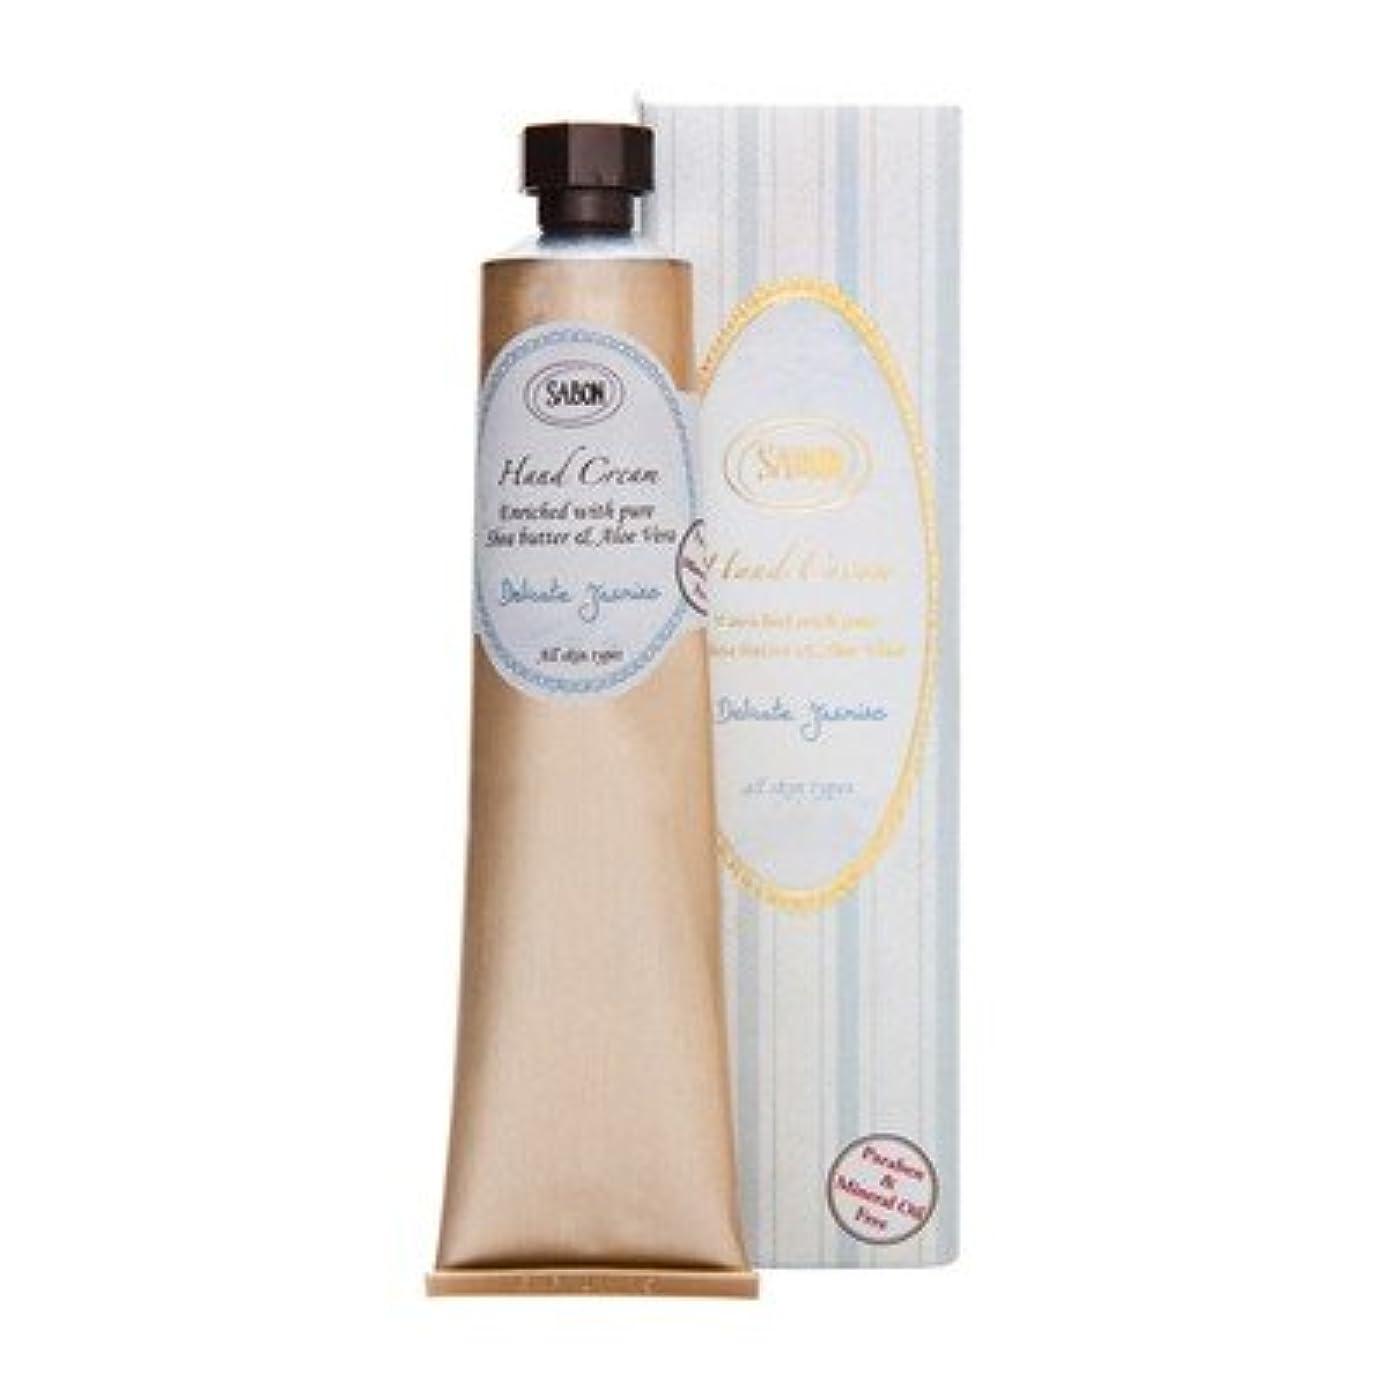 自明漏れ叫び声【SABON(サボン)】ハンド クリーム デリケート ジャスミン Hand Cream Delicate Jasmine